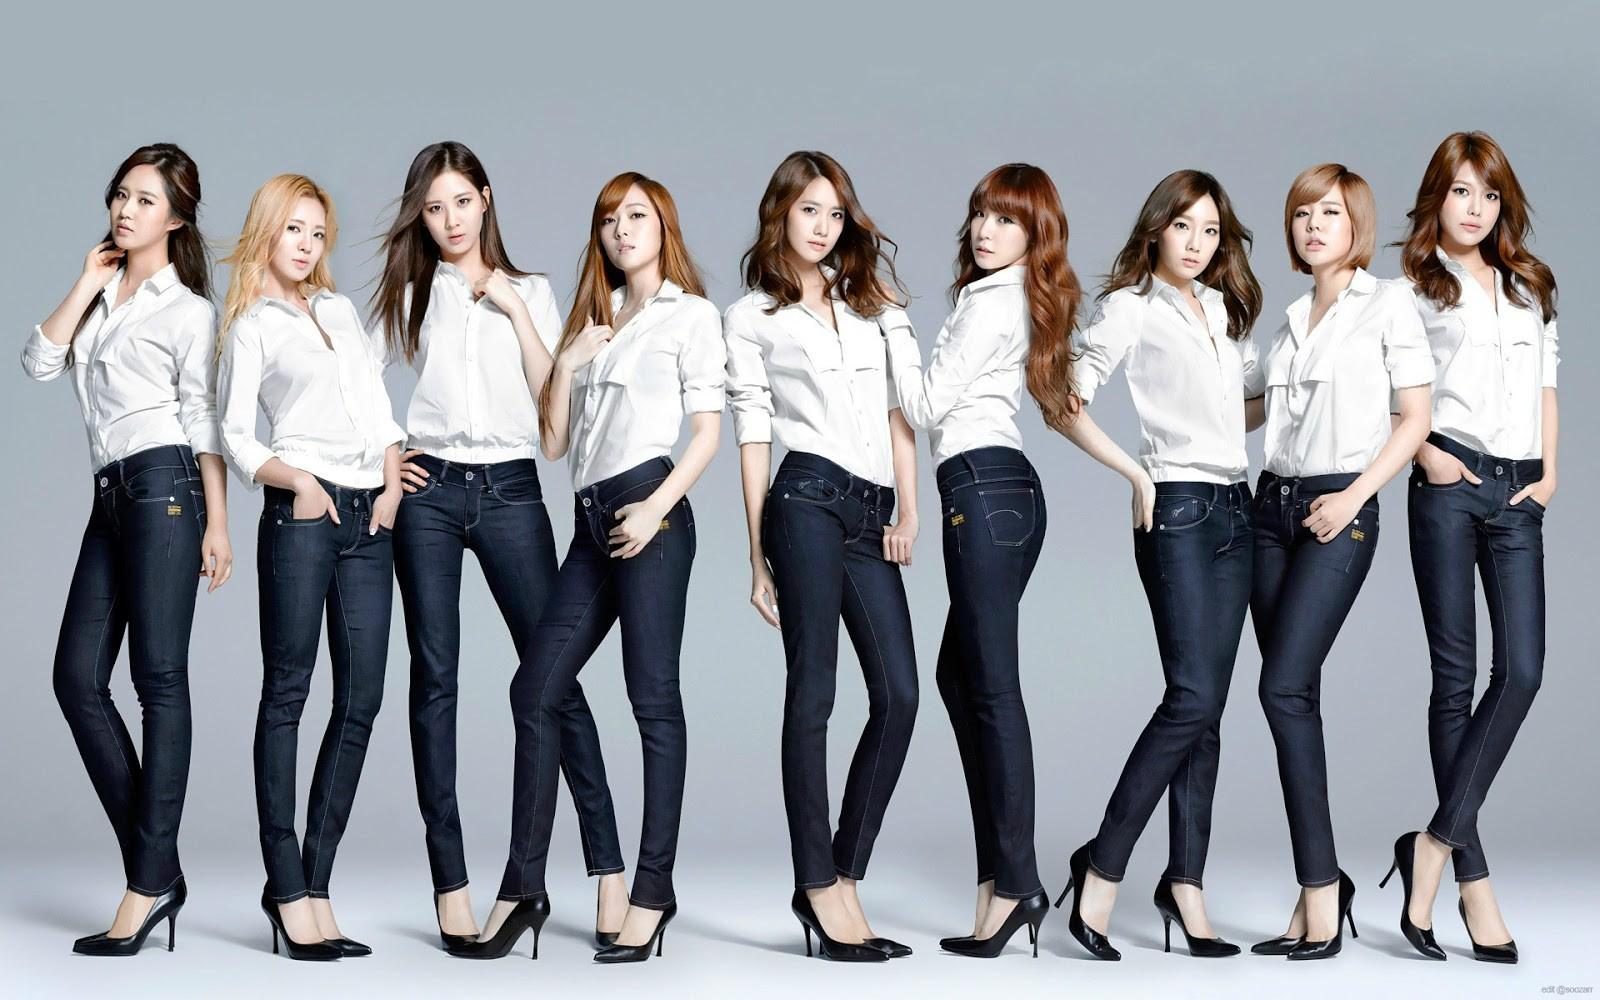 6 idolgroup sau scandal chấn động Kpop: Người mạnh mẽ vươn lên, kẻ chết yểu từ từ - Ảnh 1.